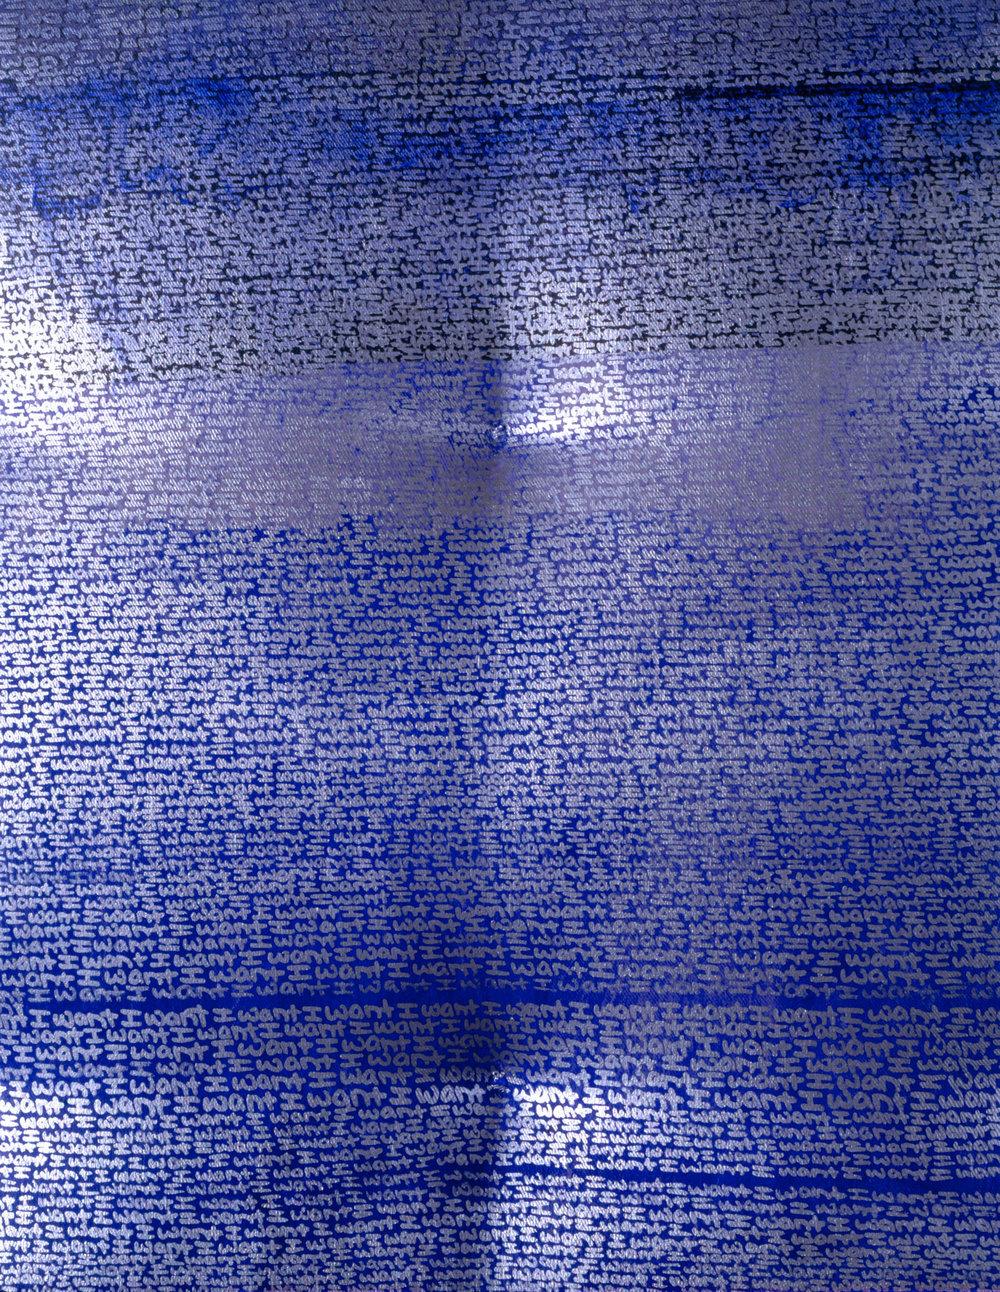 02_mattress.jpg